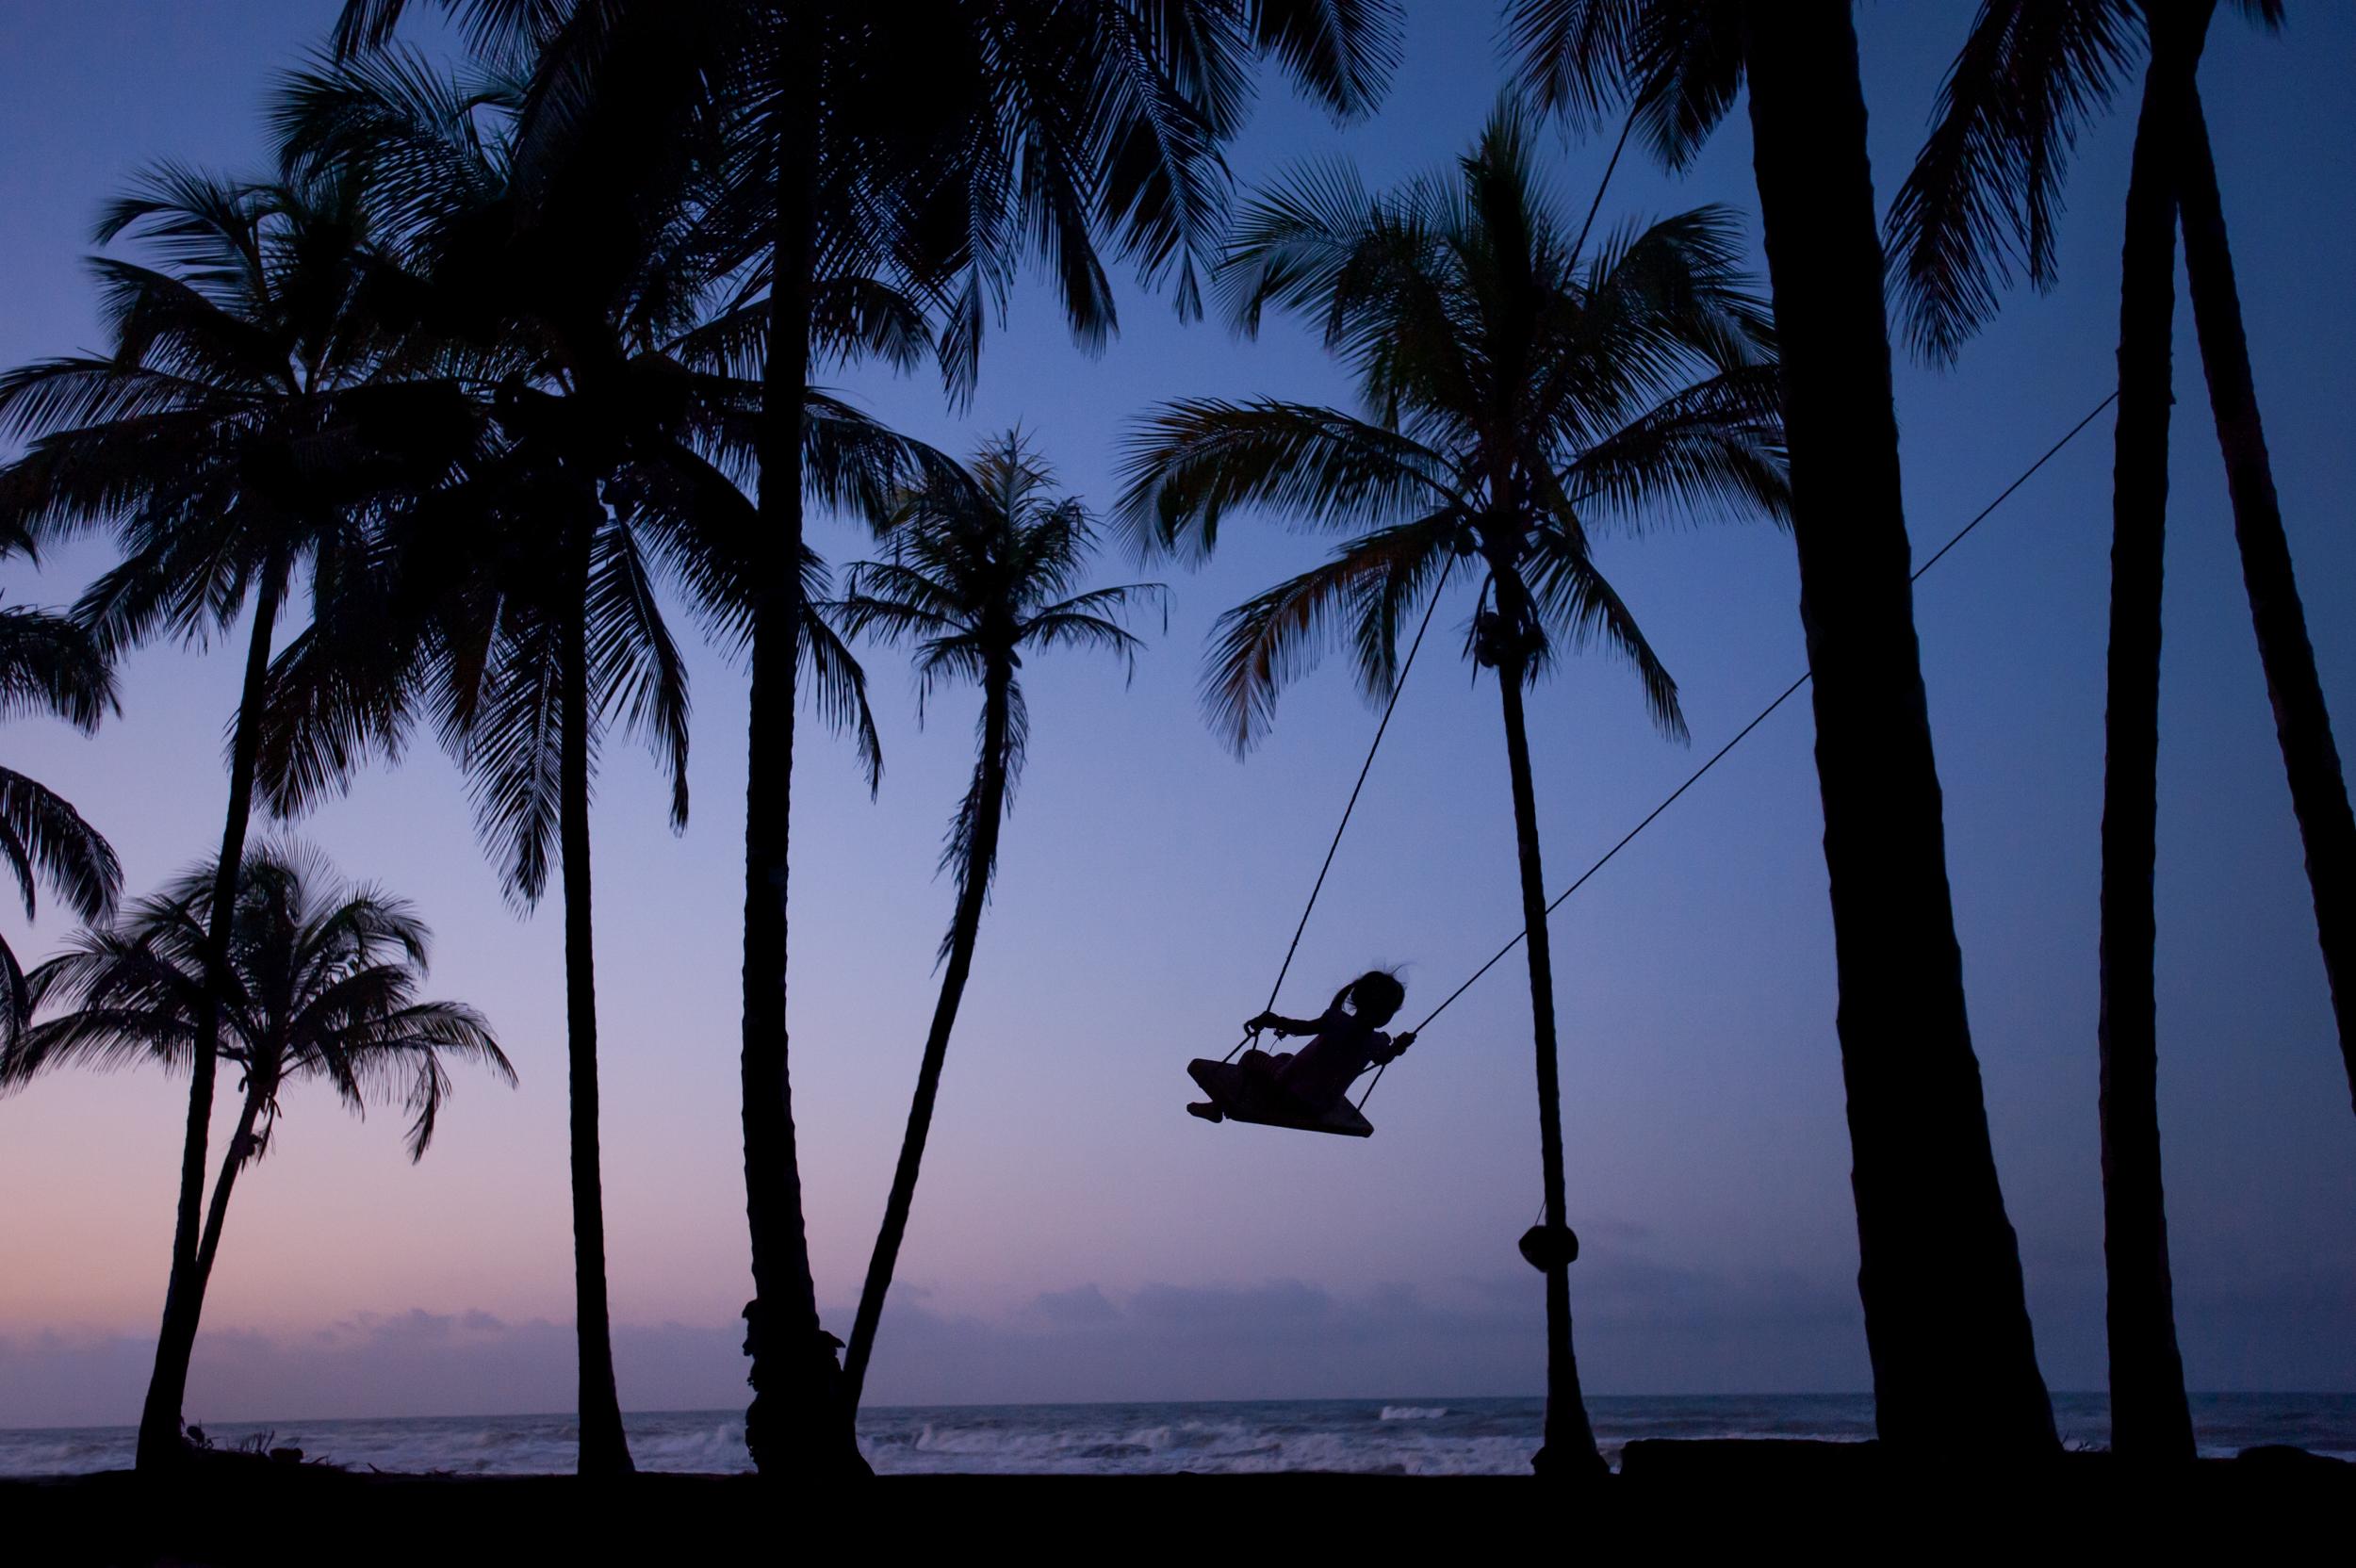 Swinging in the palms _DSC3270-Edit-2.jpg